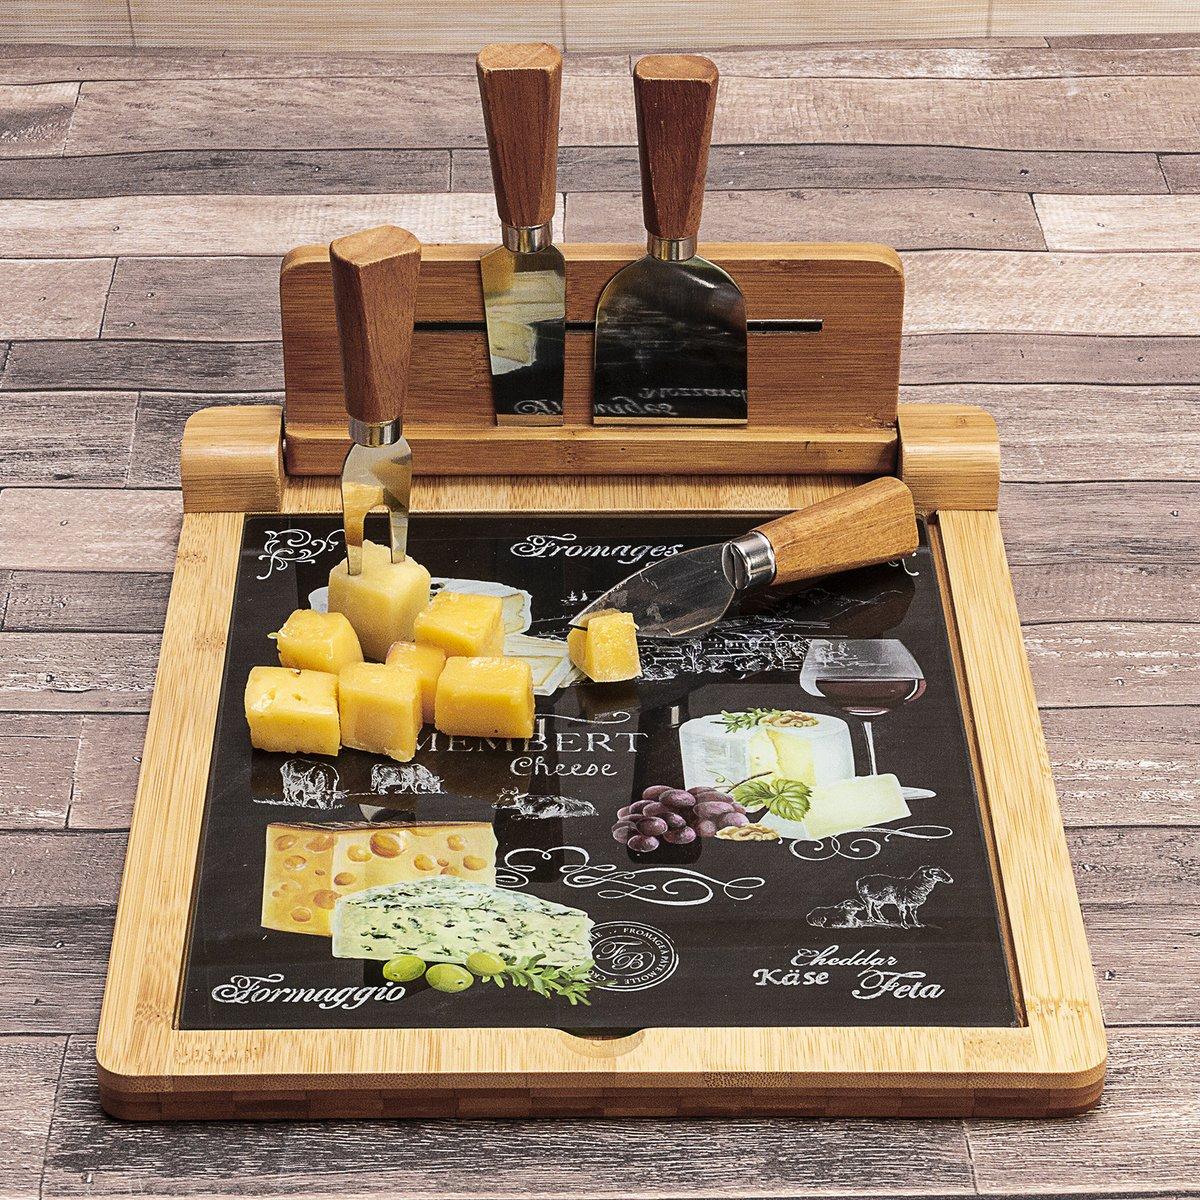 Em fundo de madeira, uma tábua de queijos tem queijos 1 faca, 1 cutelo, 1 garfo e uma espátula em cima